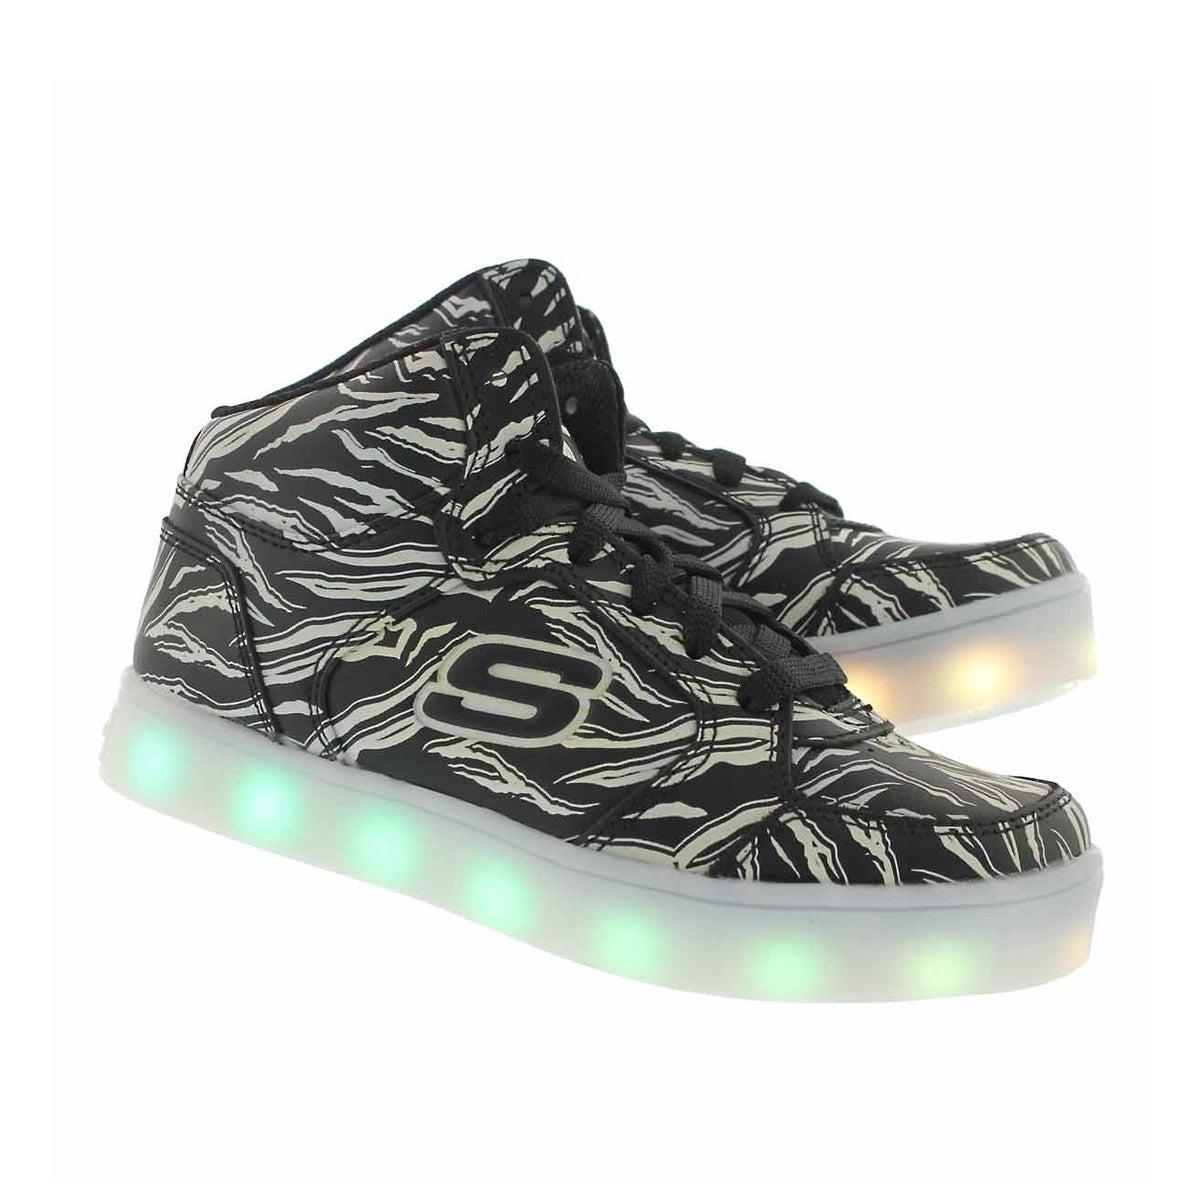 Kds Energy Lights light up bk/wt sneaker